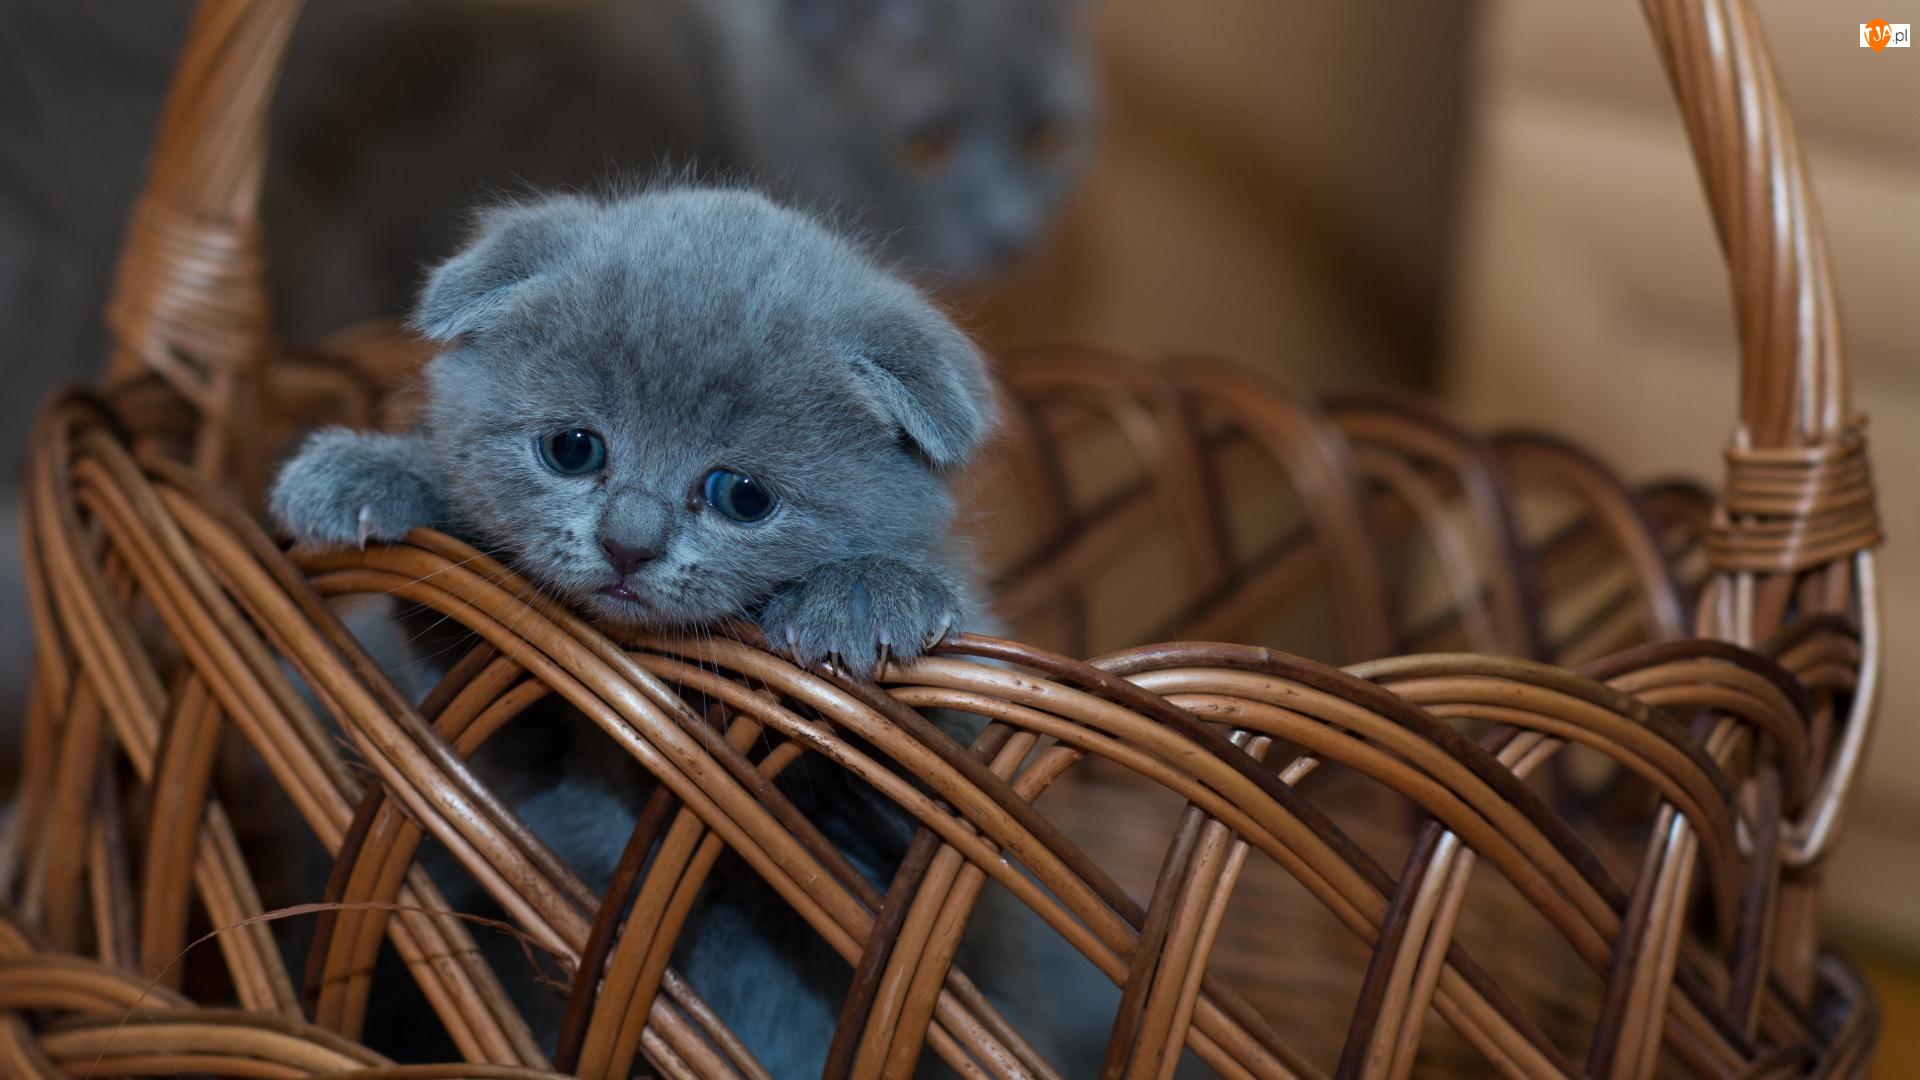 Kot brytyjski krótkowłosy niebieski, Mały